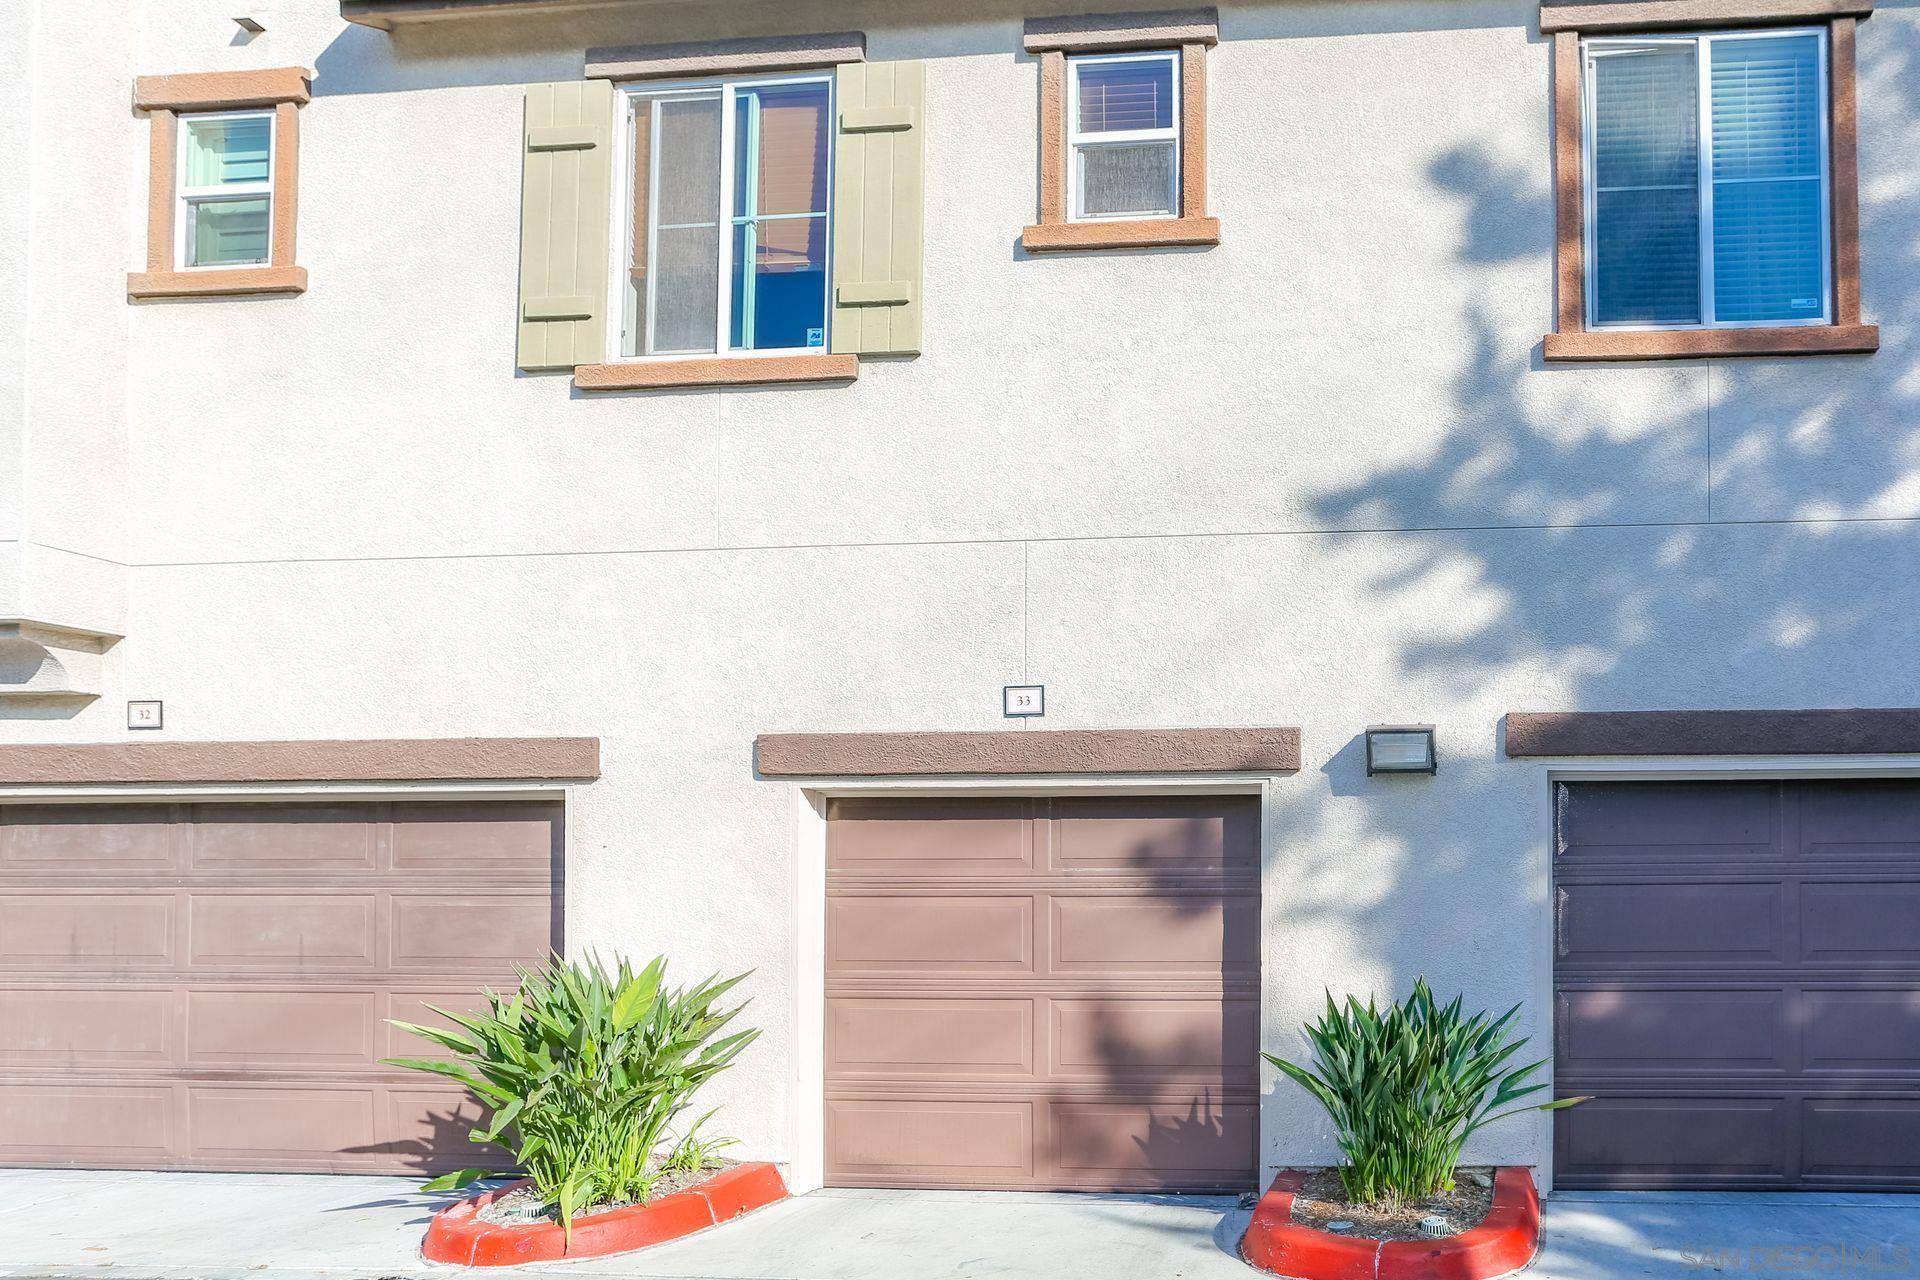 Photo of 2175 Caminito Leonzio #33, Chula Vista, CA 91915 (MLS # 210021801)